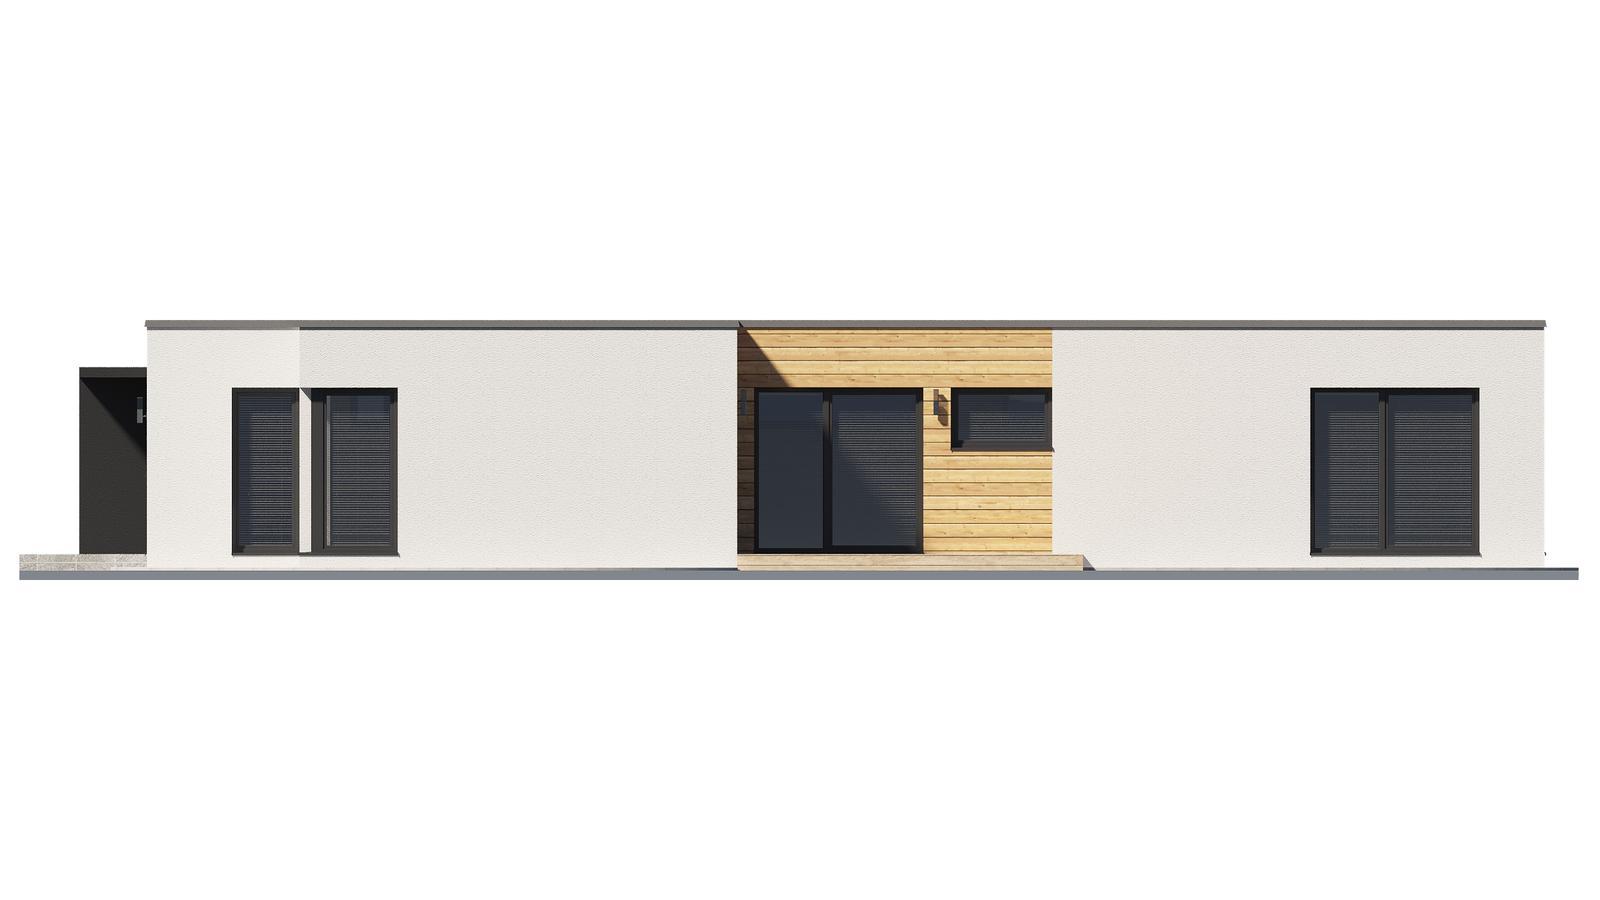 Ďalšie ukážky návrhov domčekov pre Vás - www.rodinny-dom.eu - Obrázok č. 29